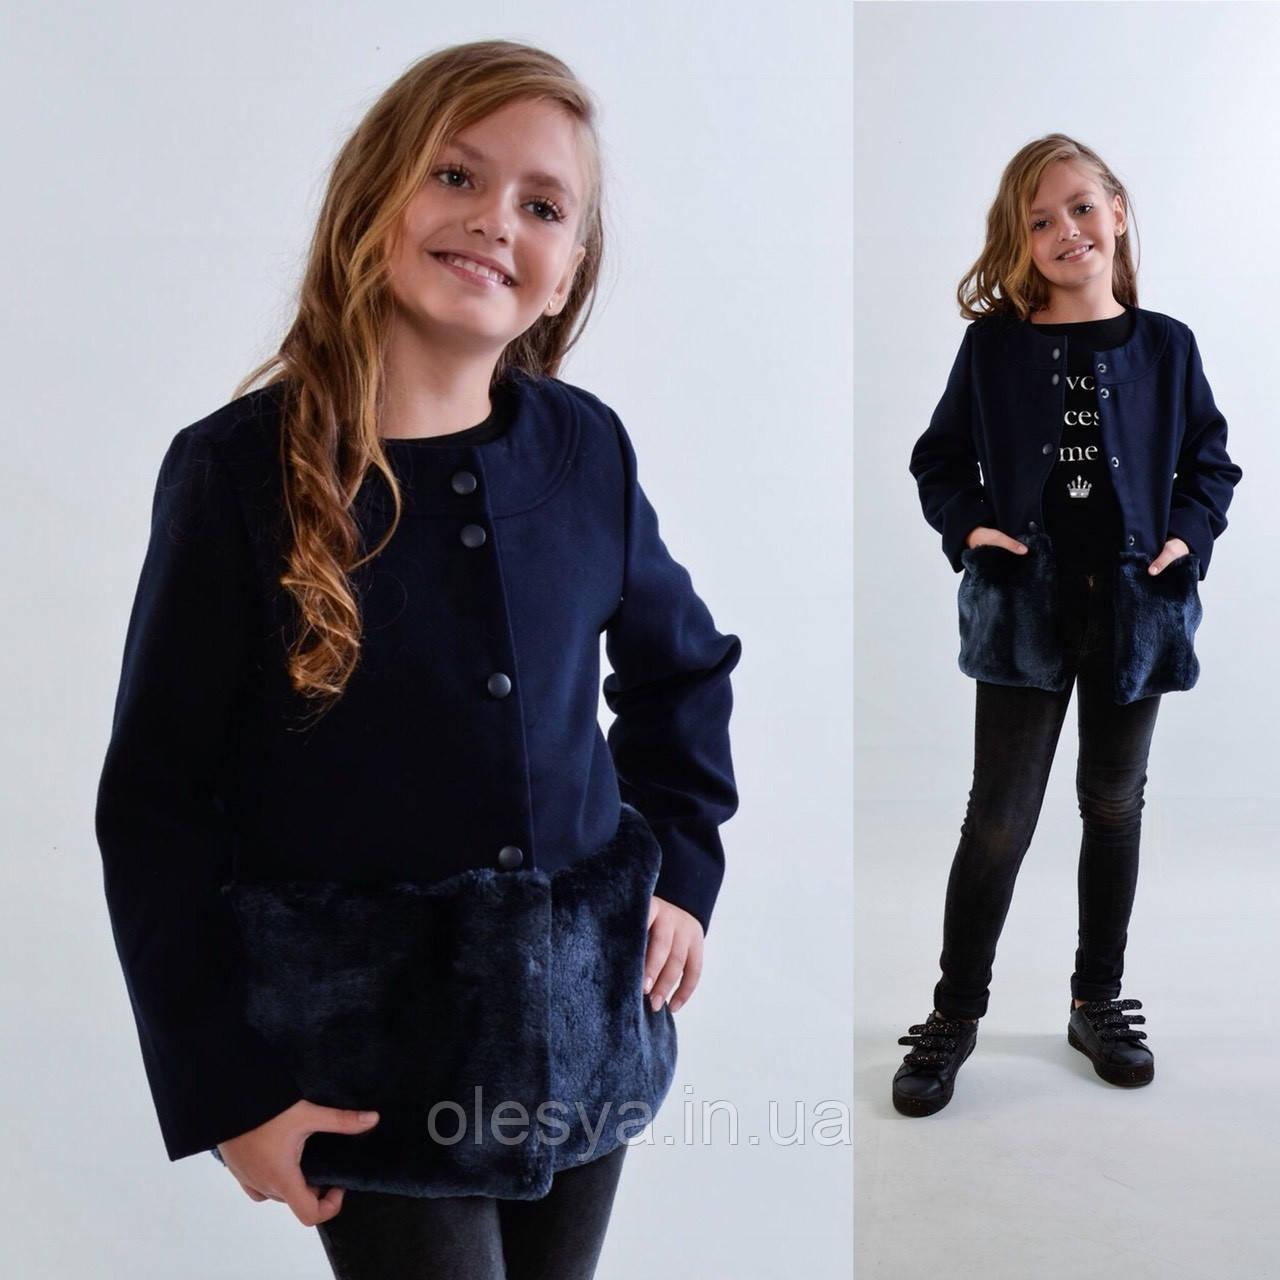 Пальто с меховой отделкой для девочек Размеры 128- 158 Новинка!